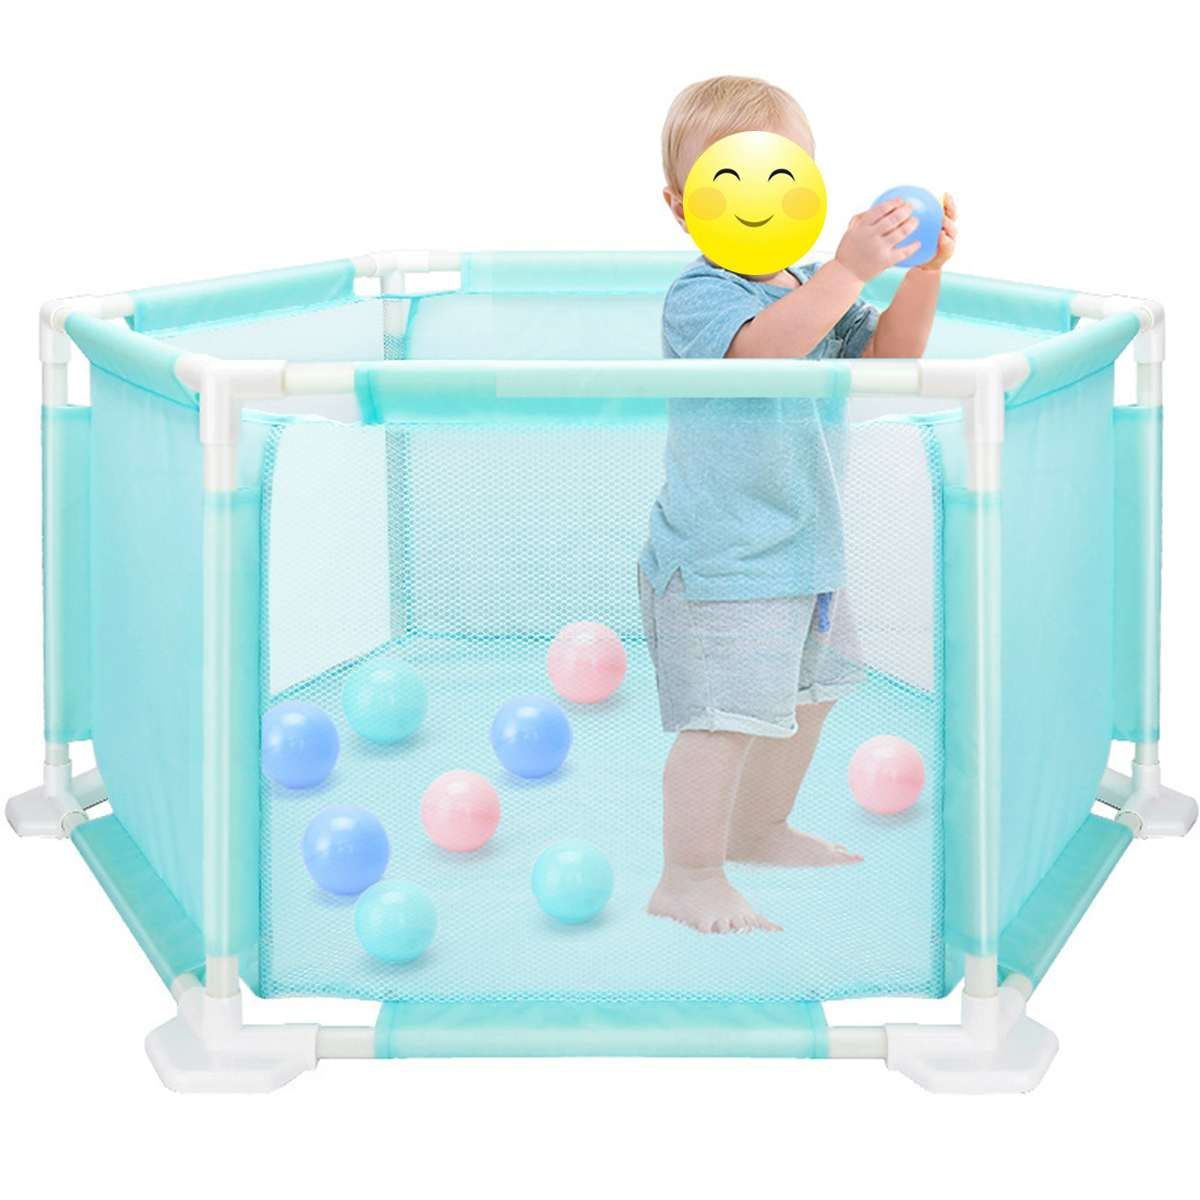 Bébé activité parcs à balles piscine jouets pour enfants barrières de sécurité jouer cour jeu clôture pour les nouveau-nés nourrissons enfants parc jouet